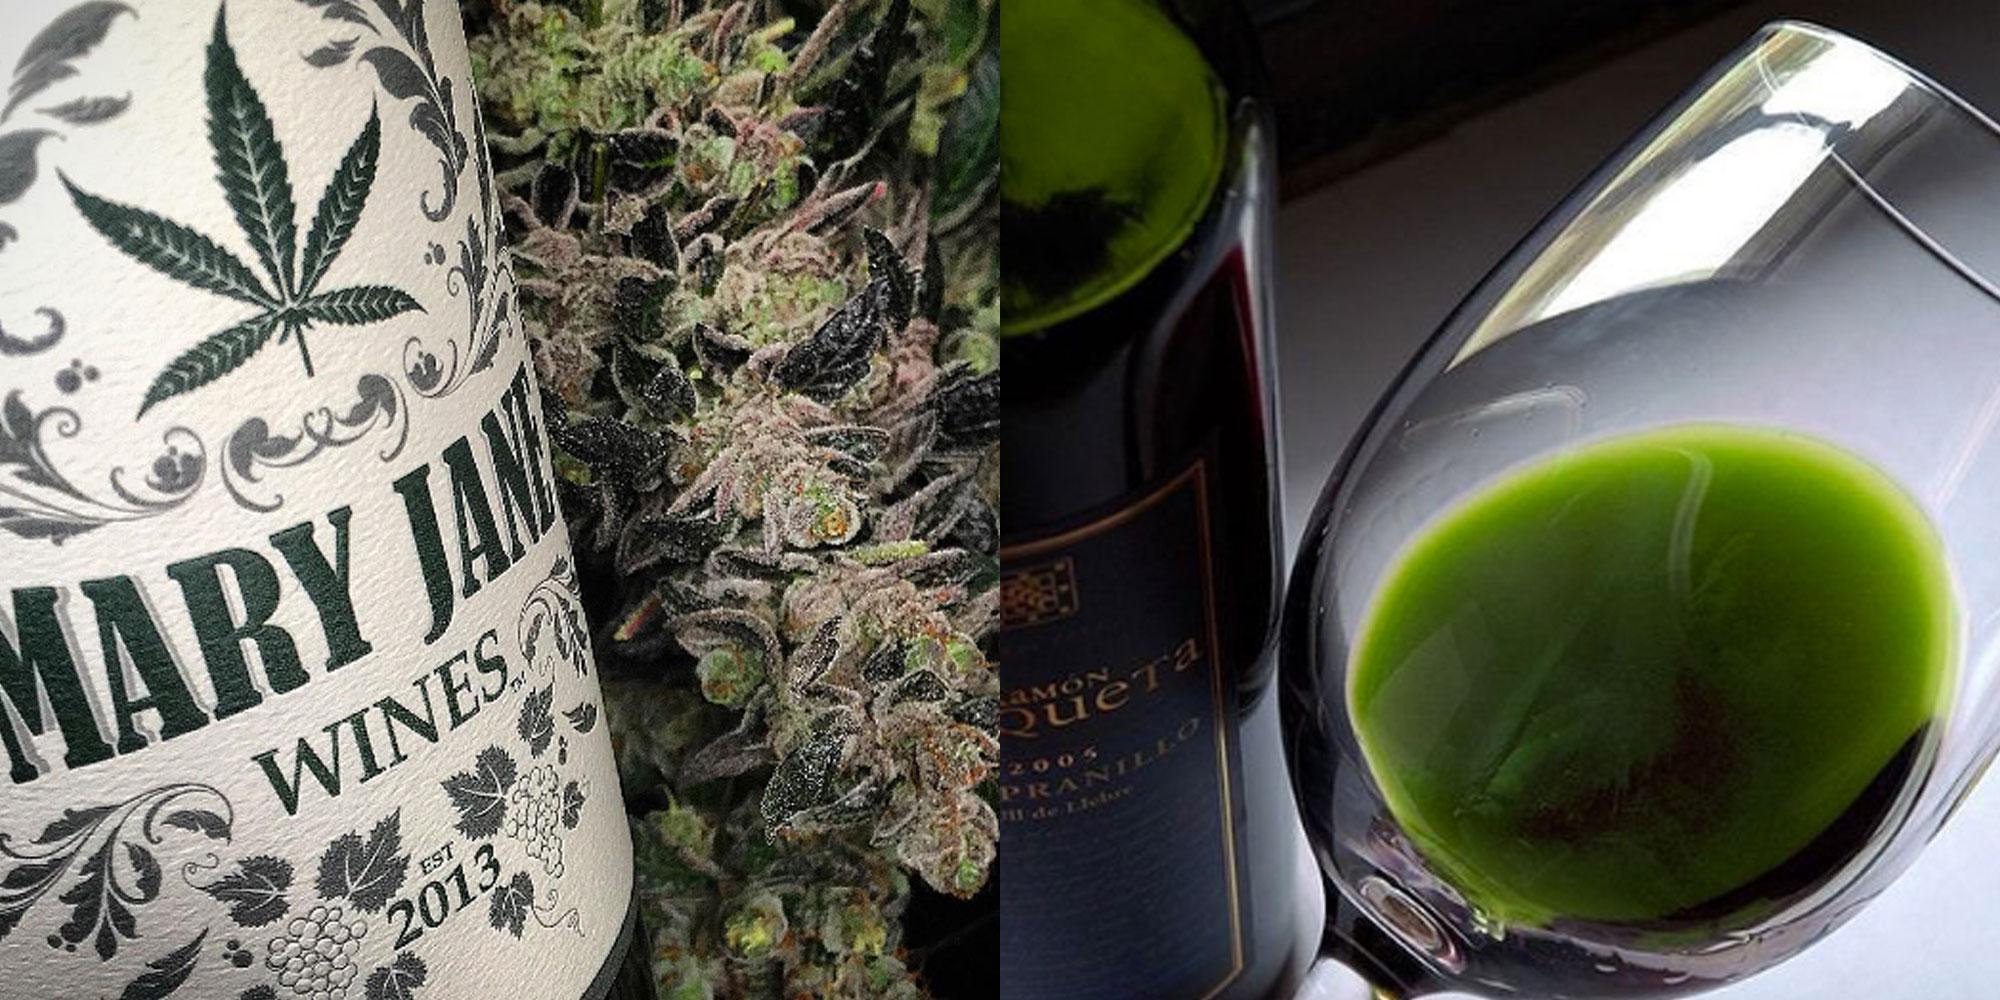 weed-wine-1476198073.jpg